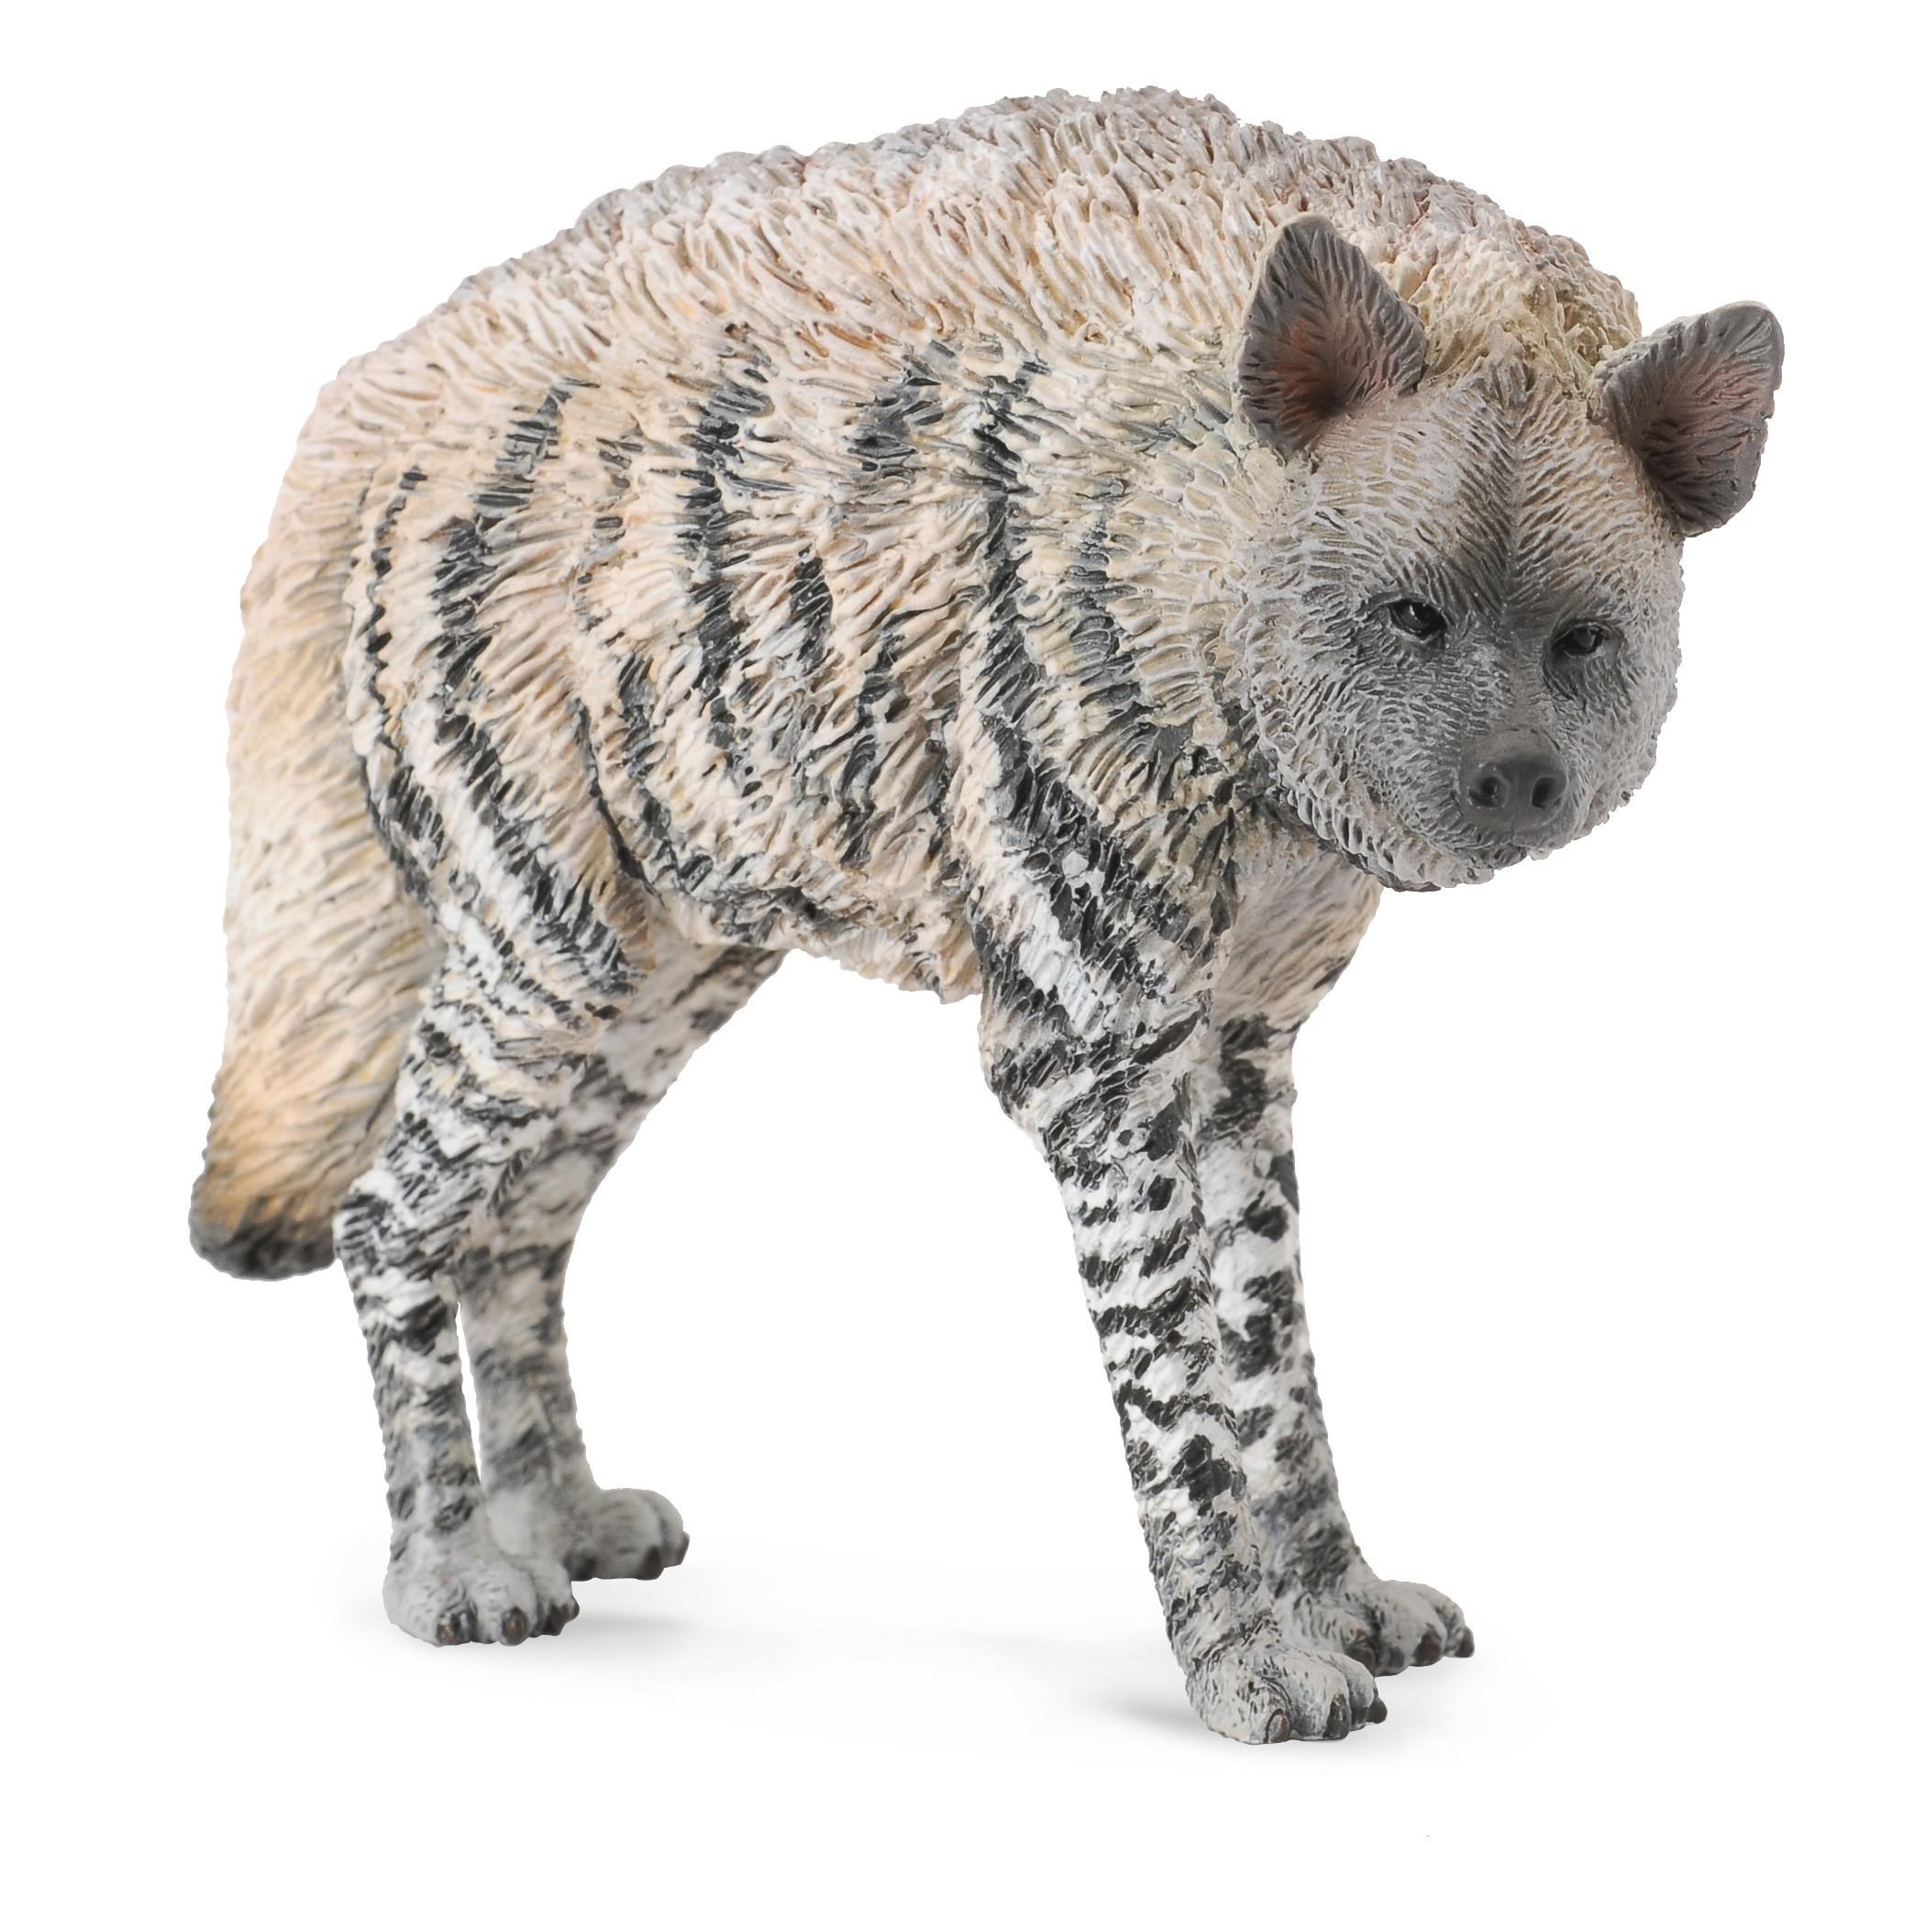 Фигурки животных Collecta Фигурка Collecta «Полосатая гиена» 6 см цены онлайн